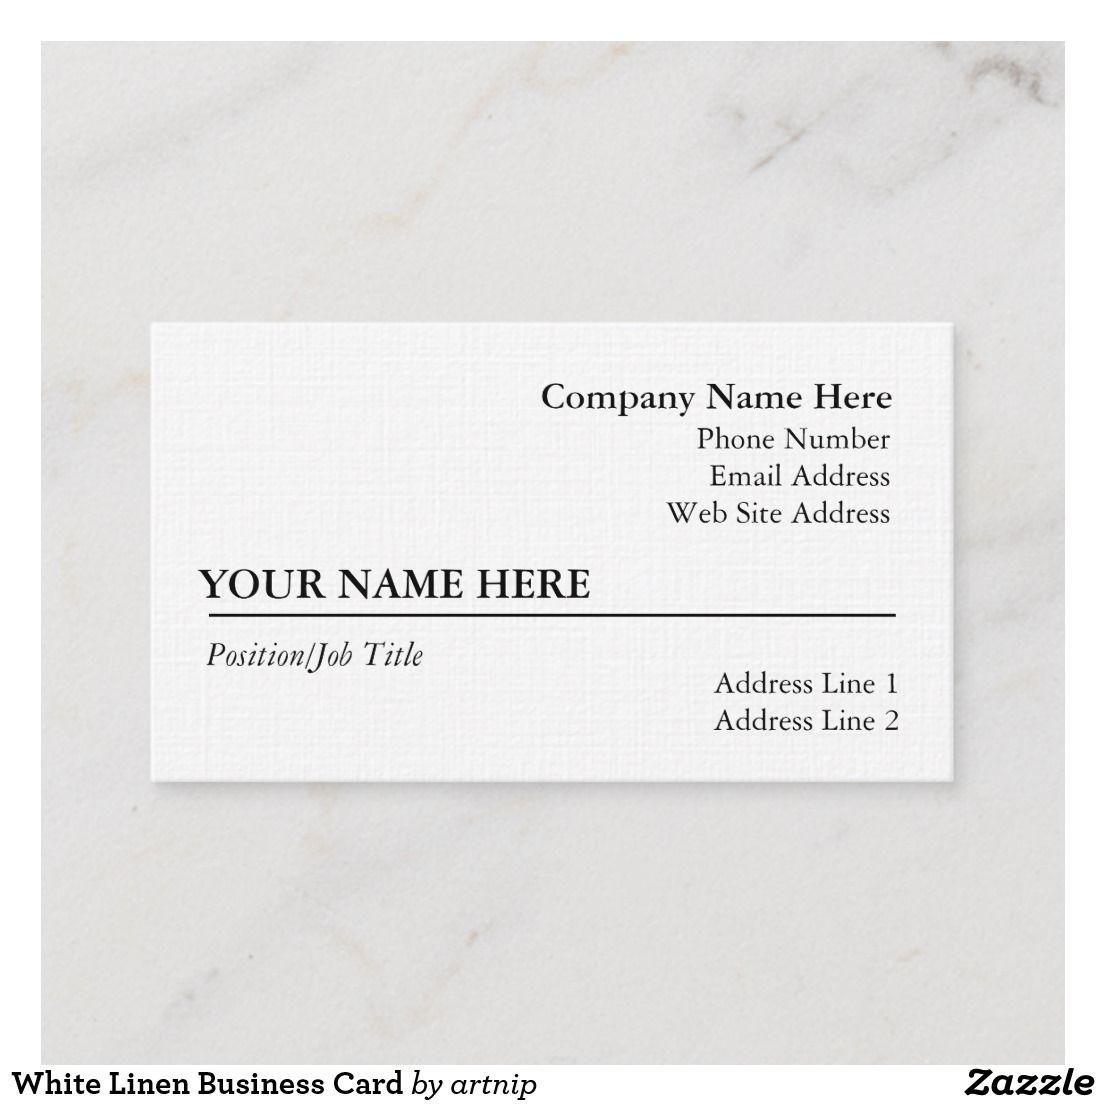 White Linen Business Card Zazzle Com Linen Business Cards White Linen Linen